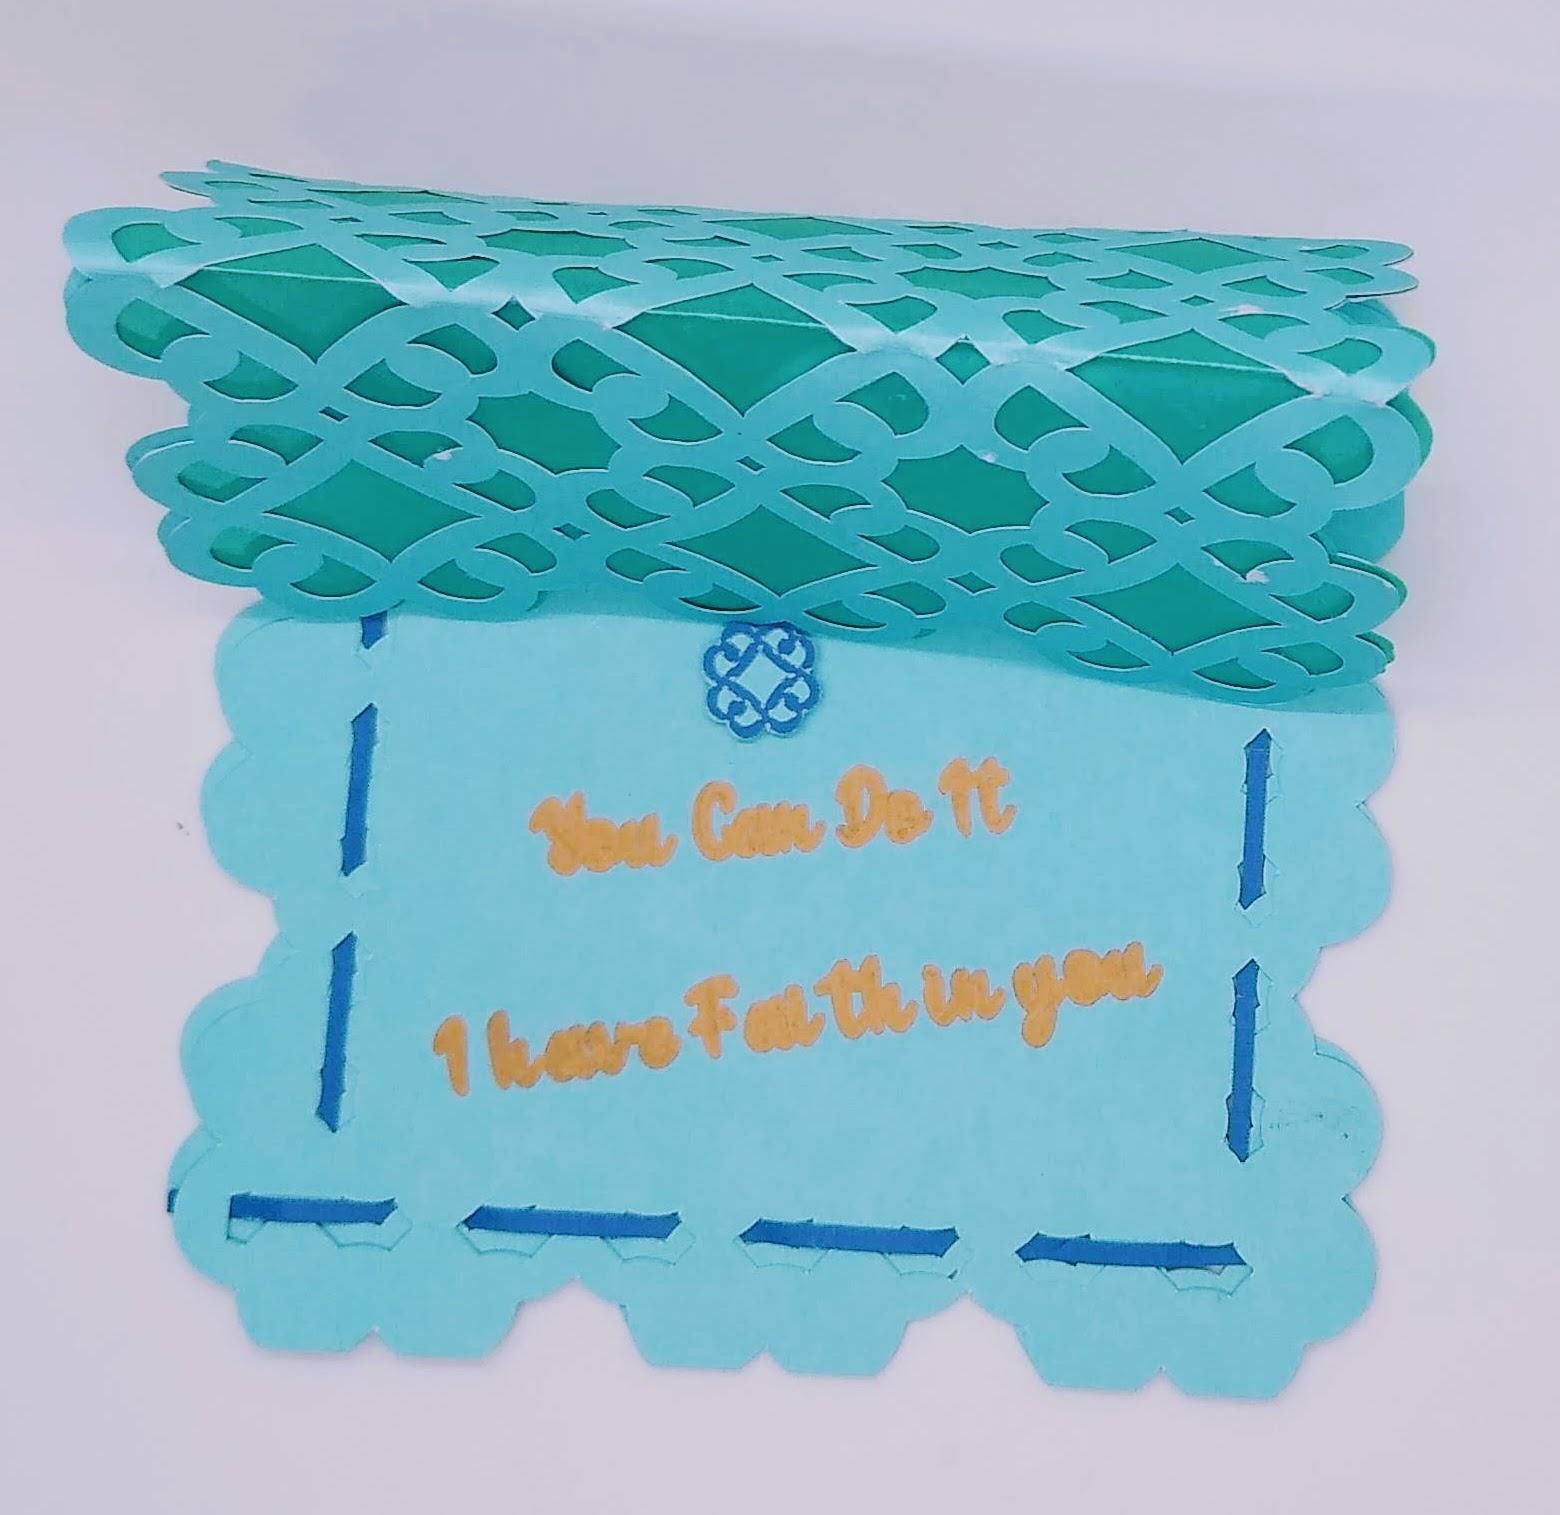 Celtic Knot Encouragement Card